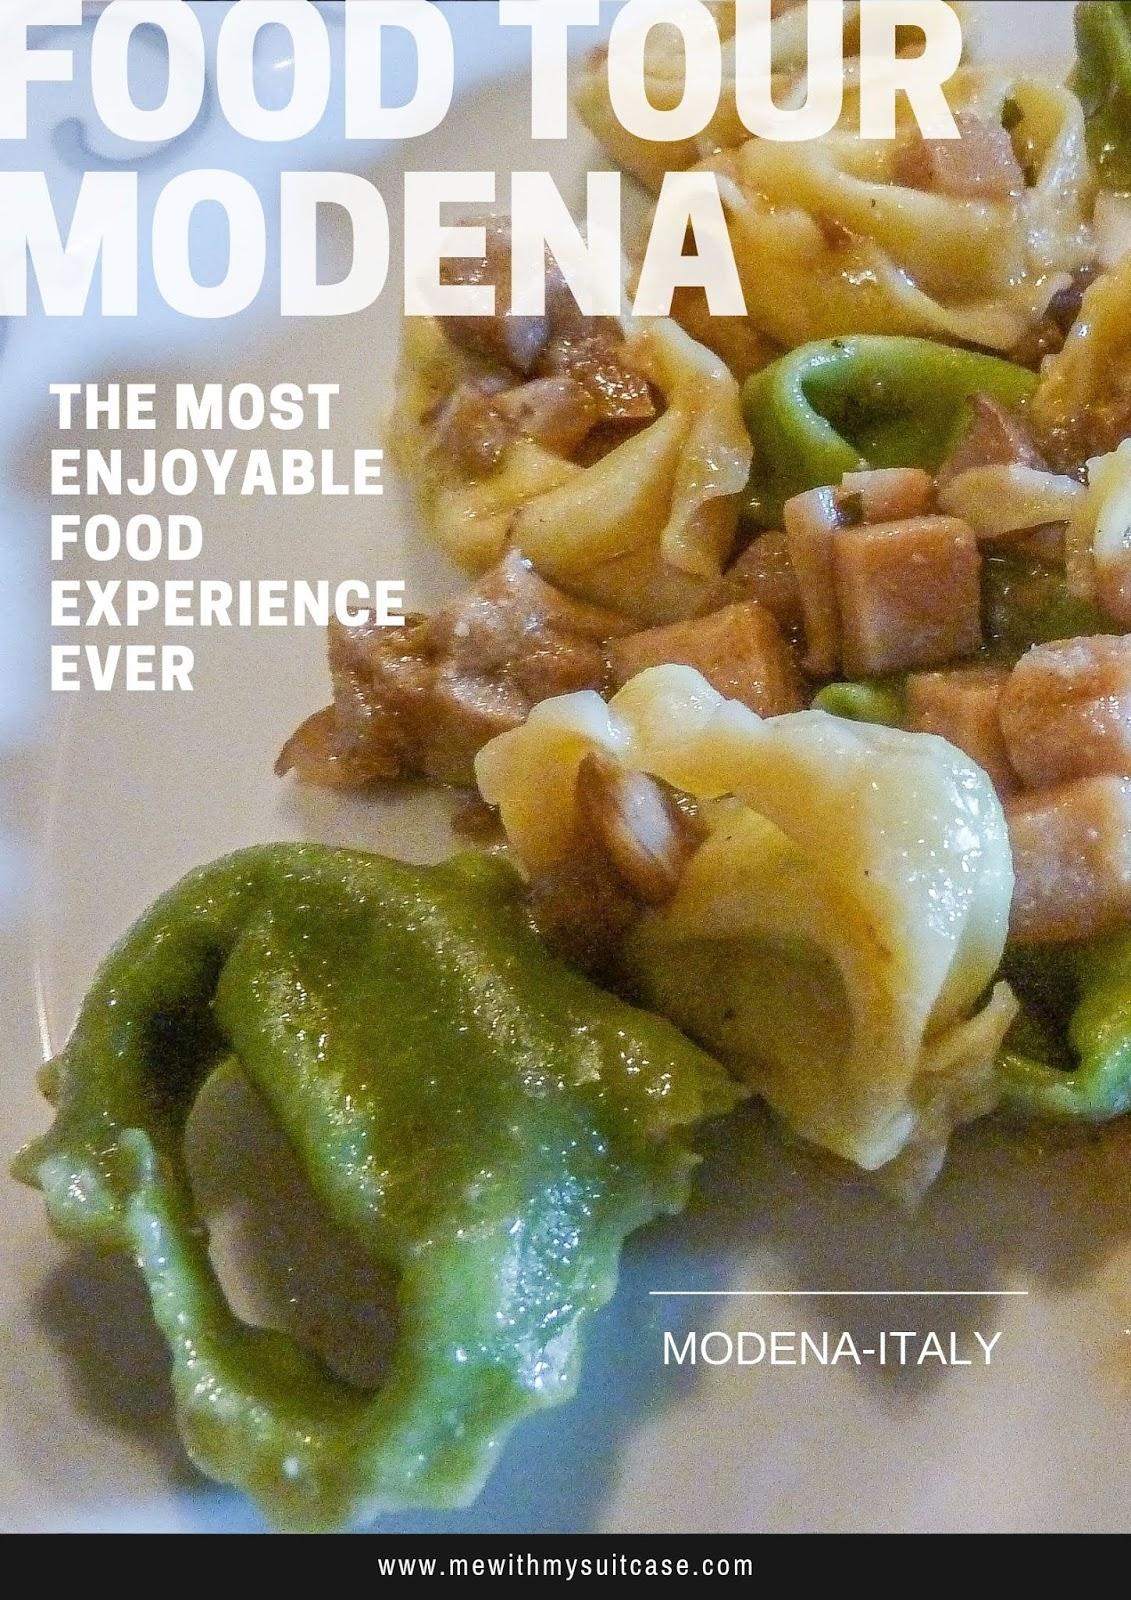 Modena Food Tour